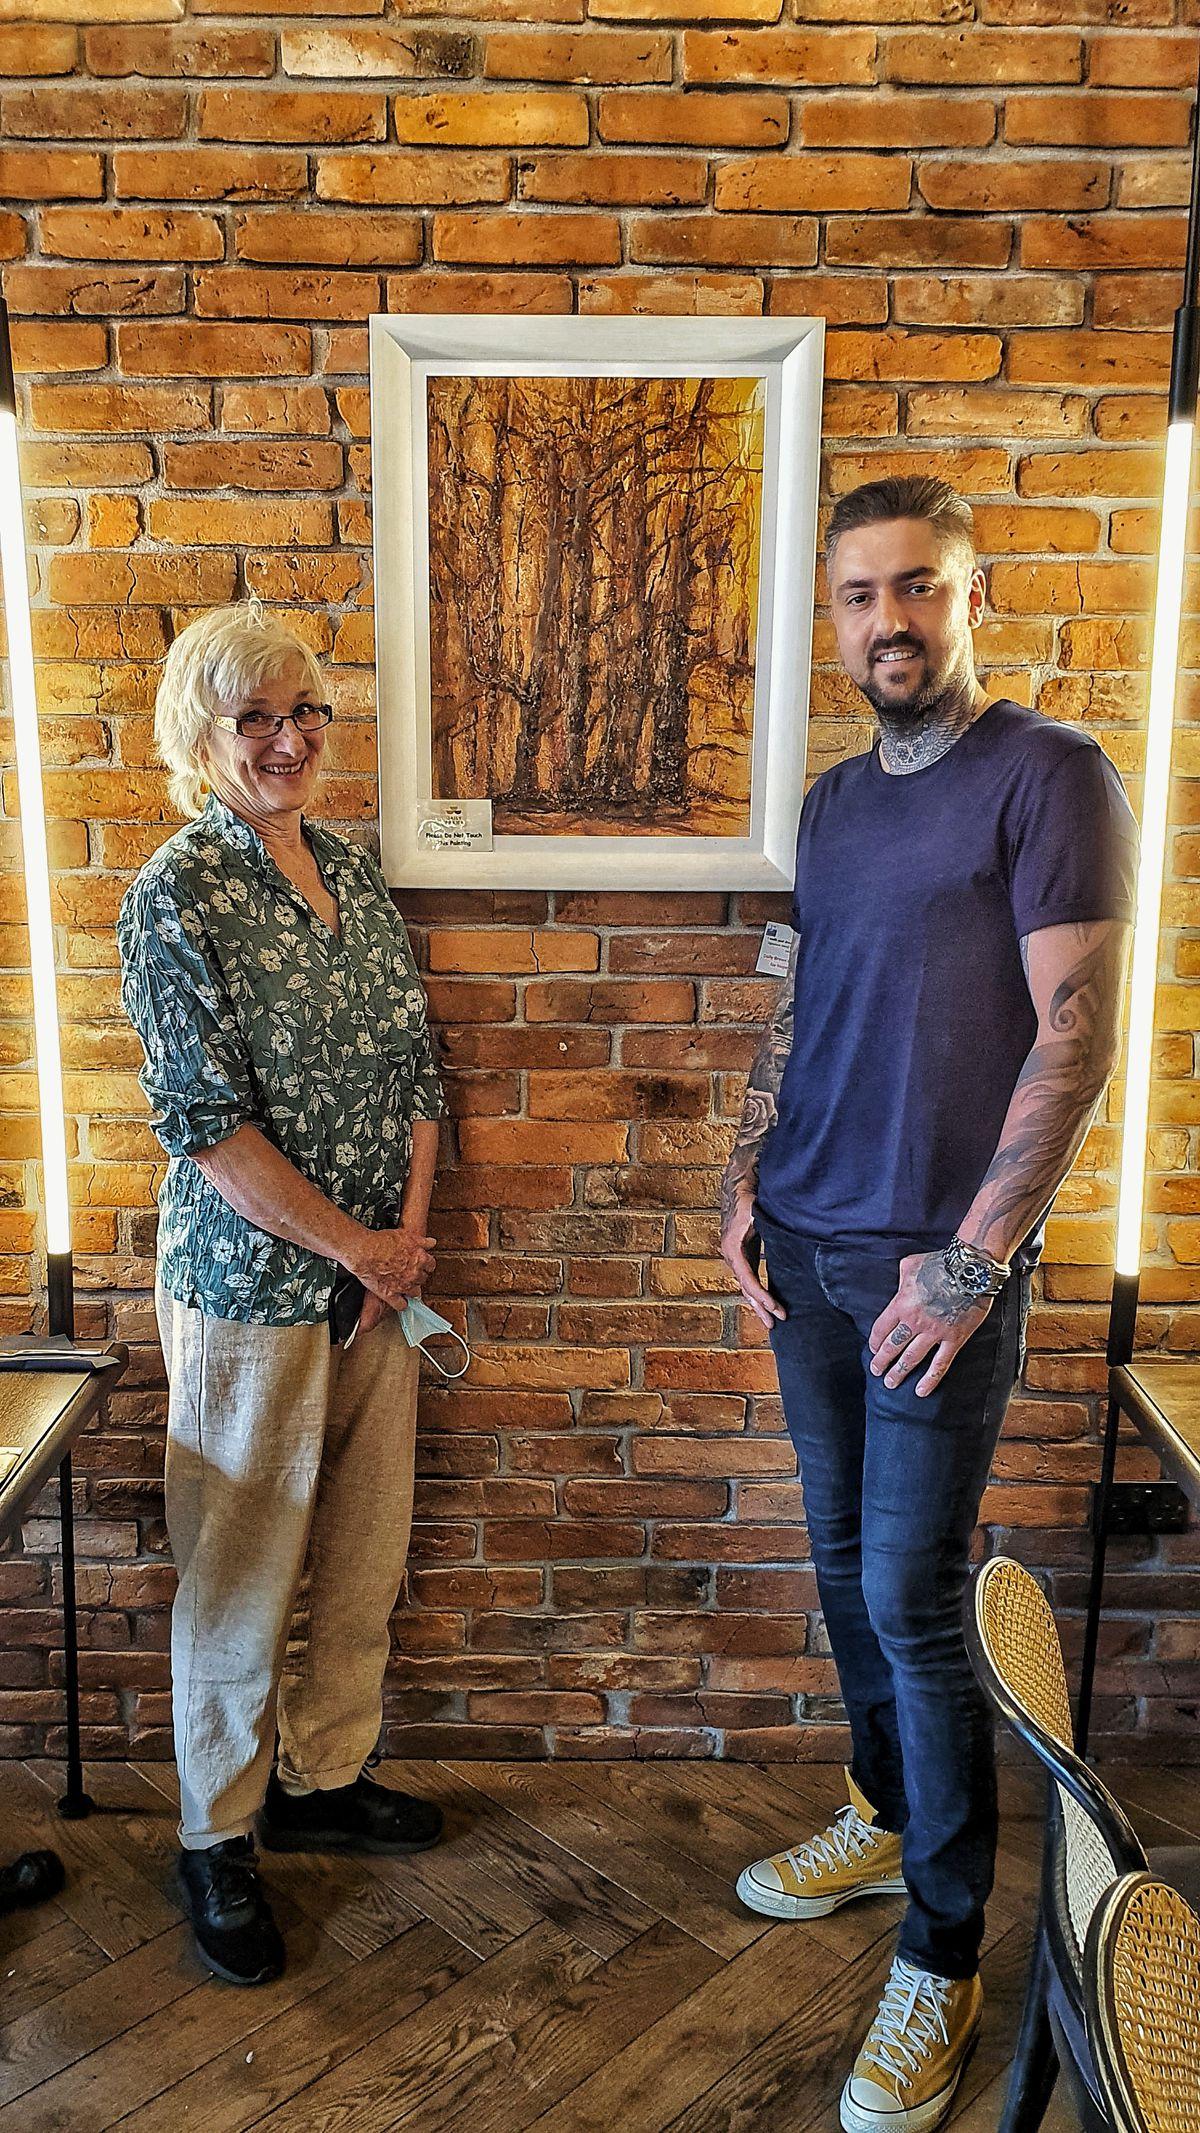 Daily Brews founder Vytis Kiuberis with artist Lena Jarl Churm